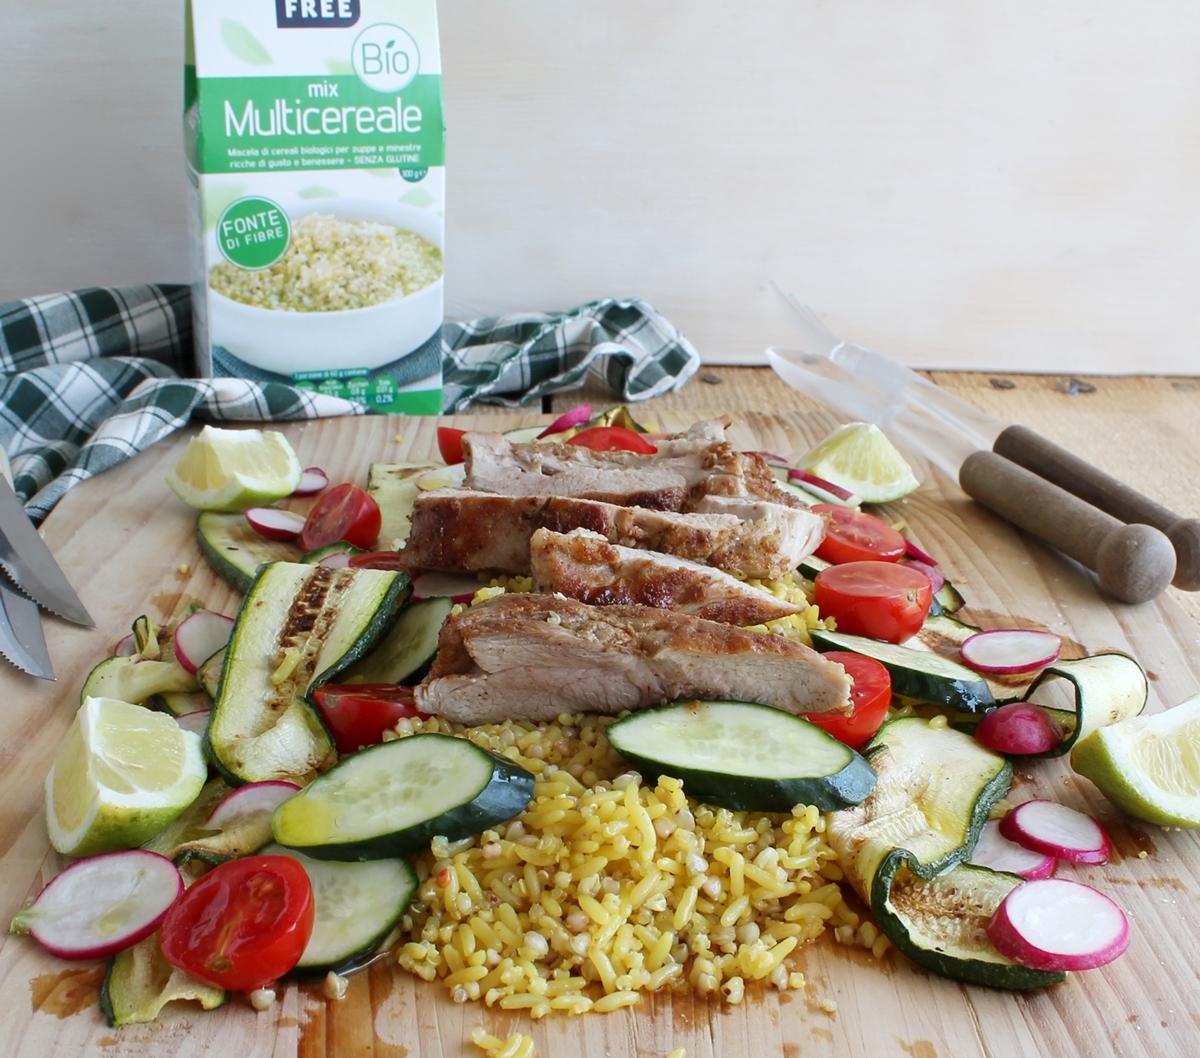 Mix Multicereale con arrosto di tacchino e verdure - La Cassata Celiaca